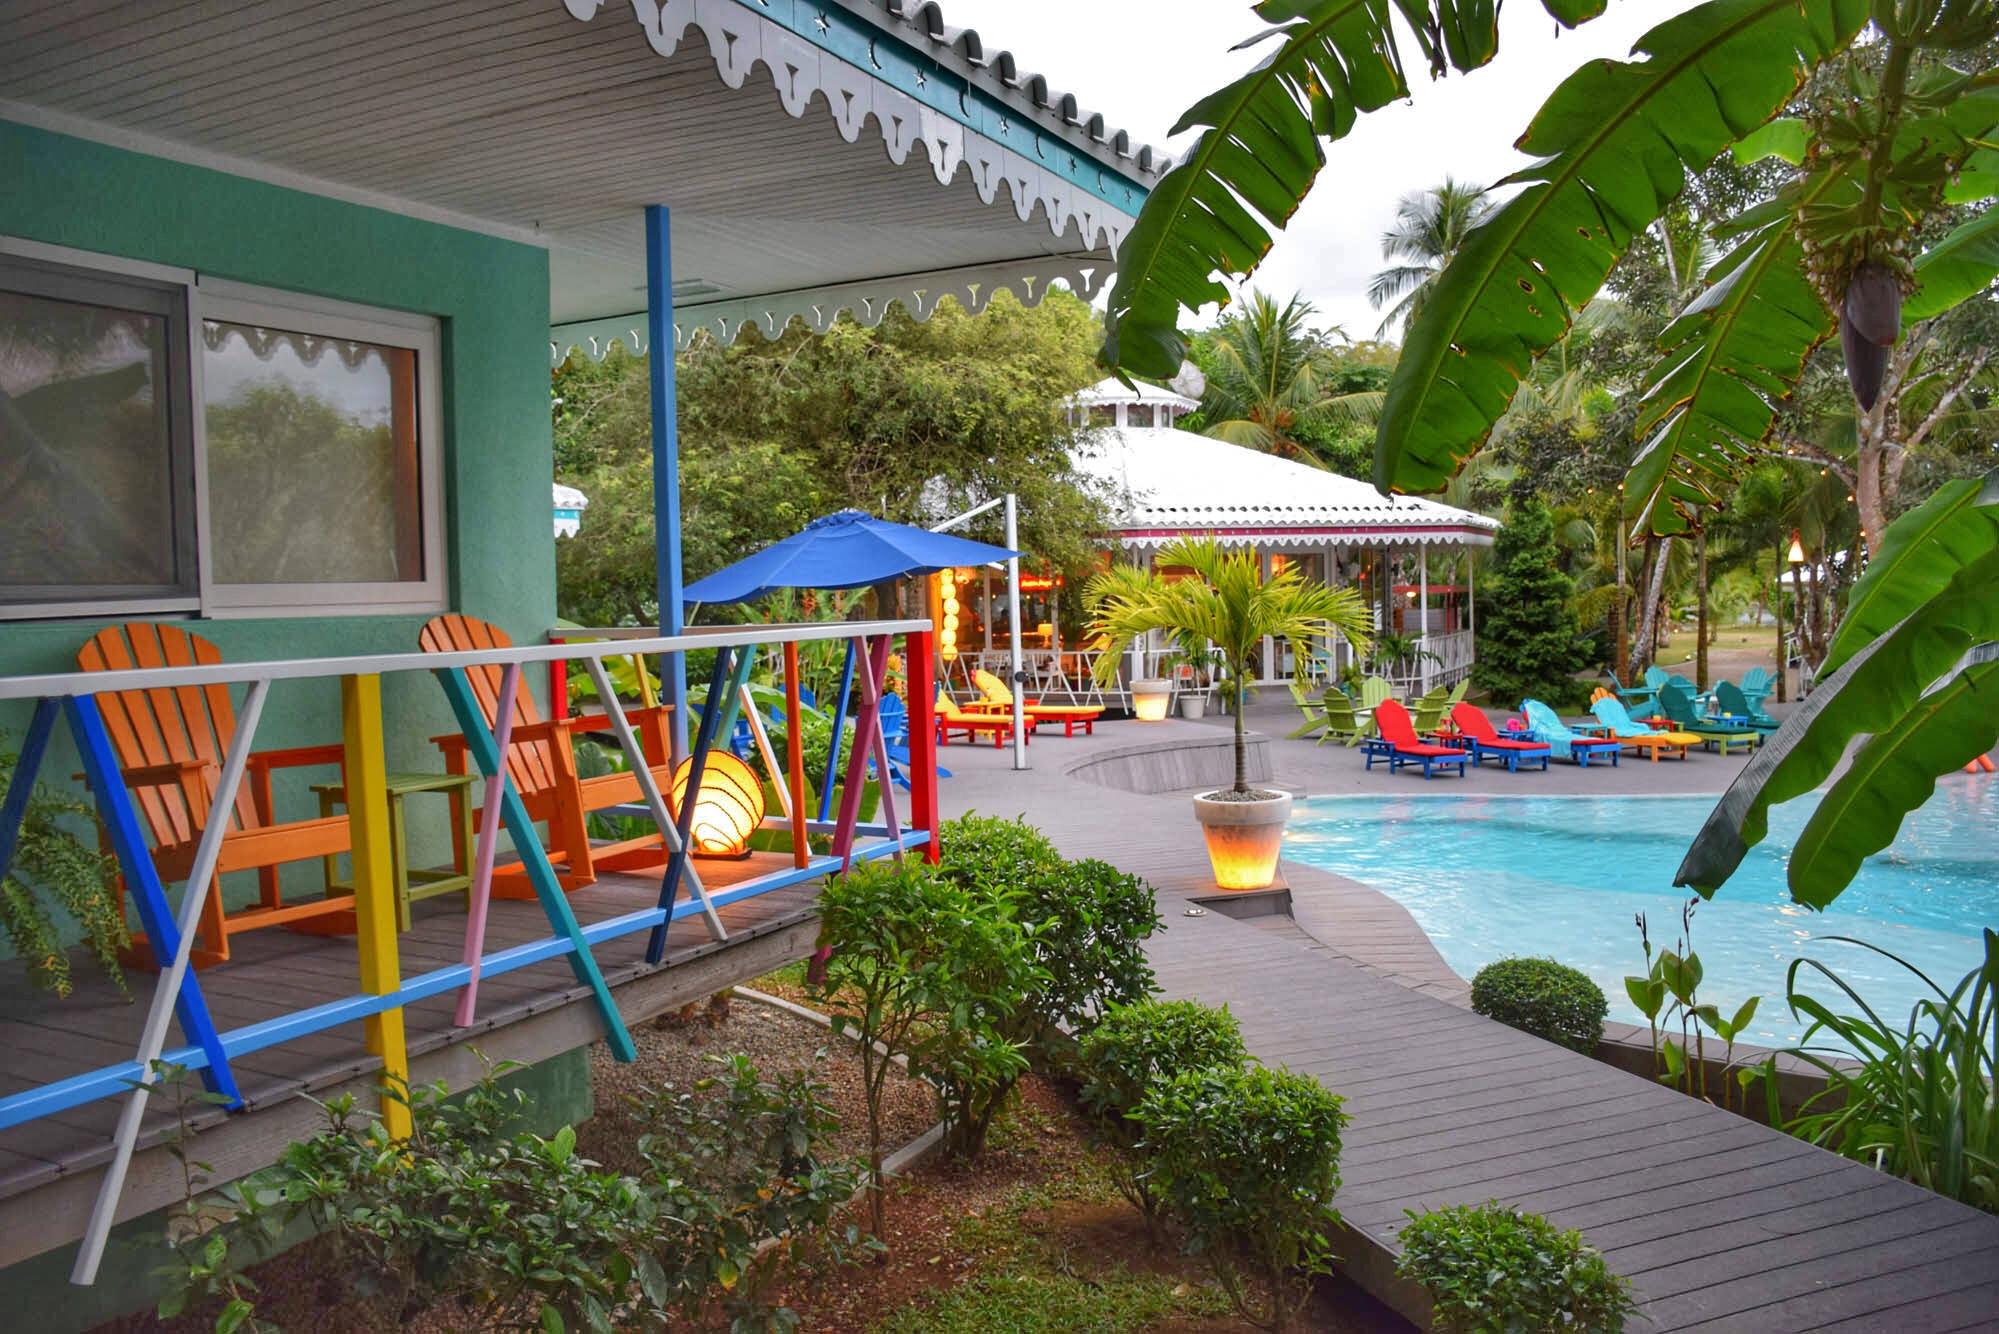 Hotel El Otro Lado - Portobelo - Panamá